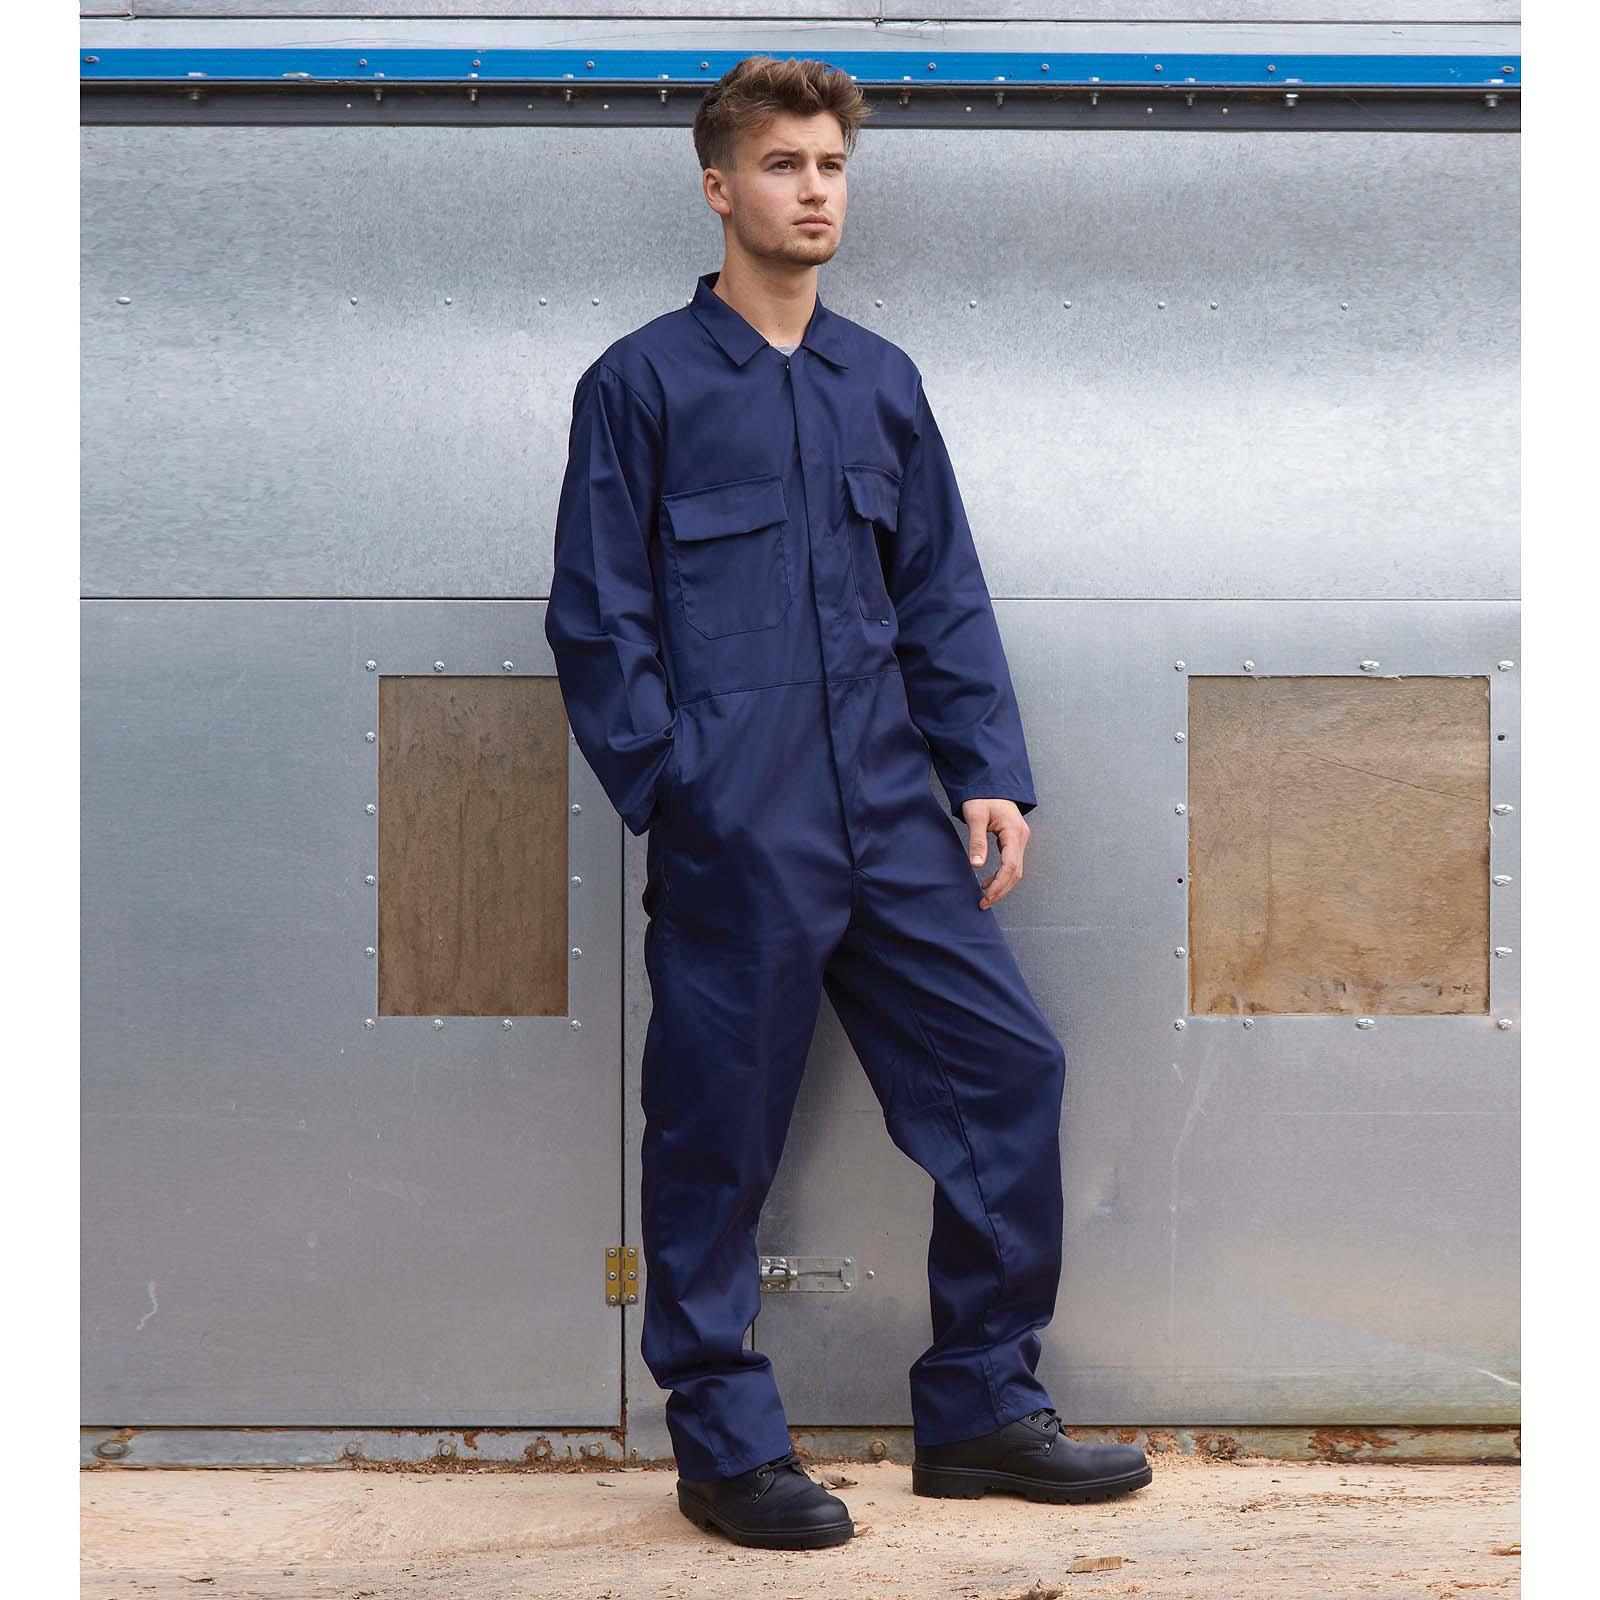 SENTINELLE Portwest Euro travail combinaison travail porter des vestes de  polyester coton taille élastique marine Mens d0385f71226